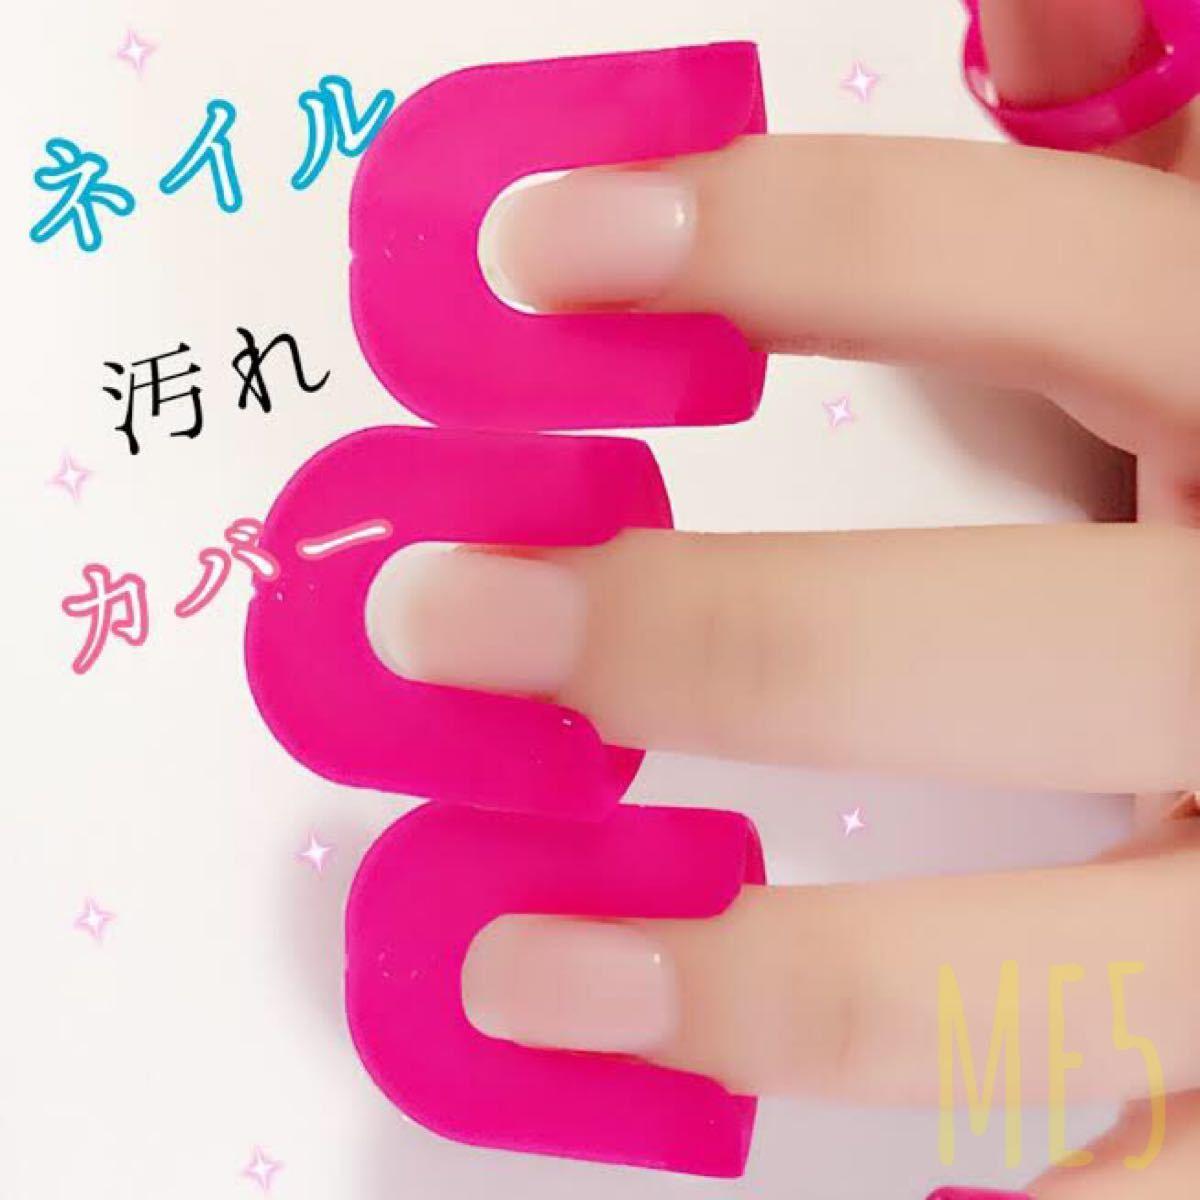 ネイルカバー☆はみ出し防止☆セルフネイル☆マニキュア